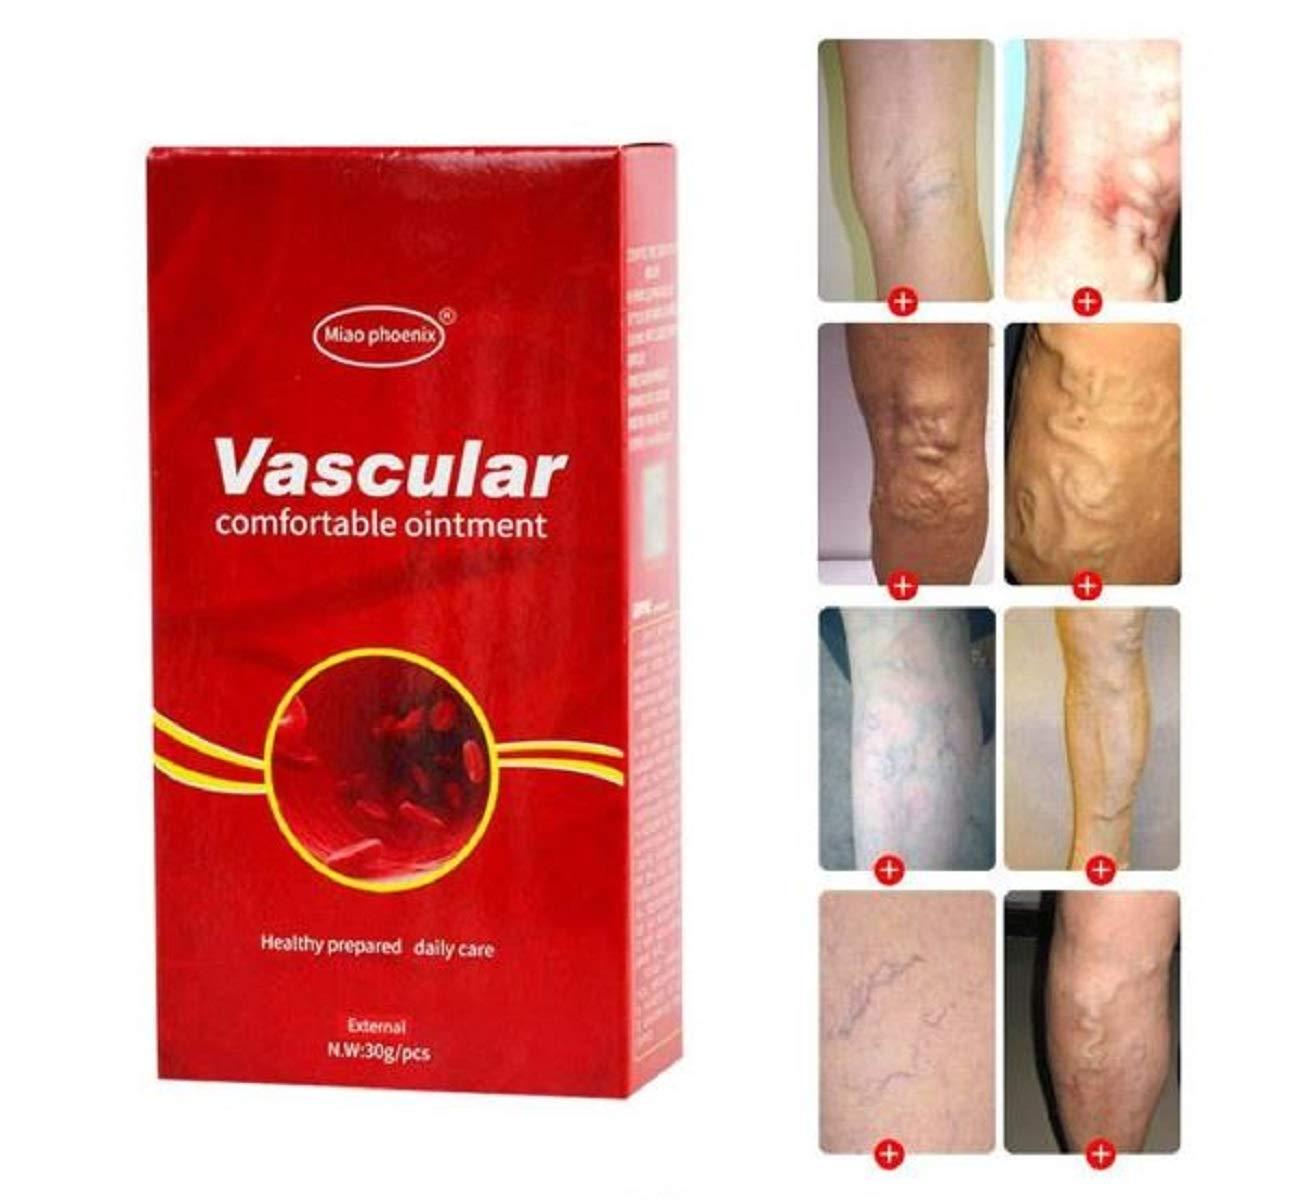 după operație varicoasă piciorul este posibil să lucrați cu vene varicoase